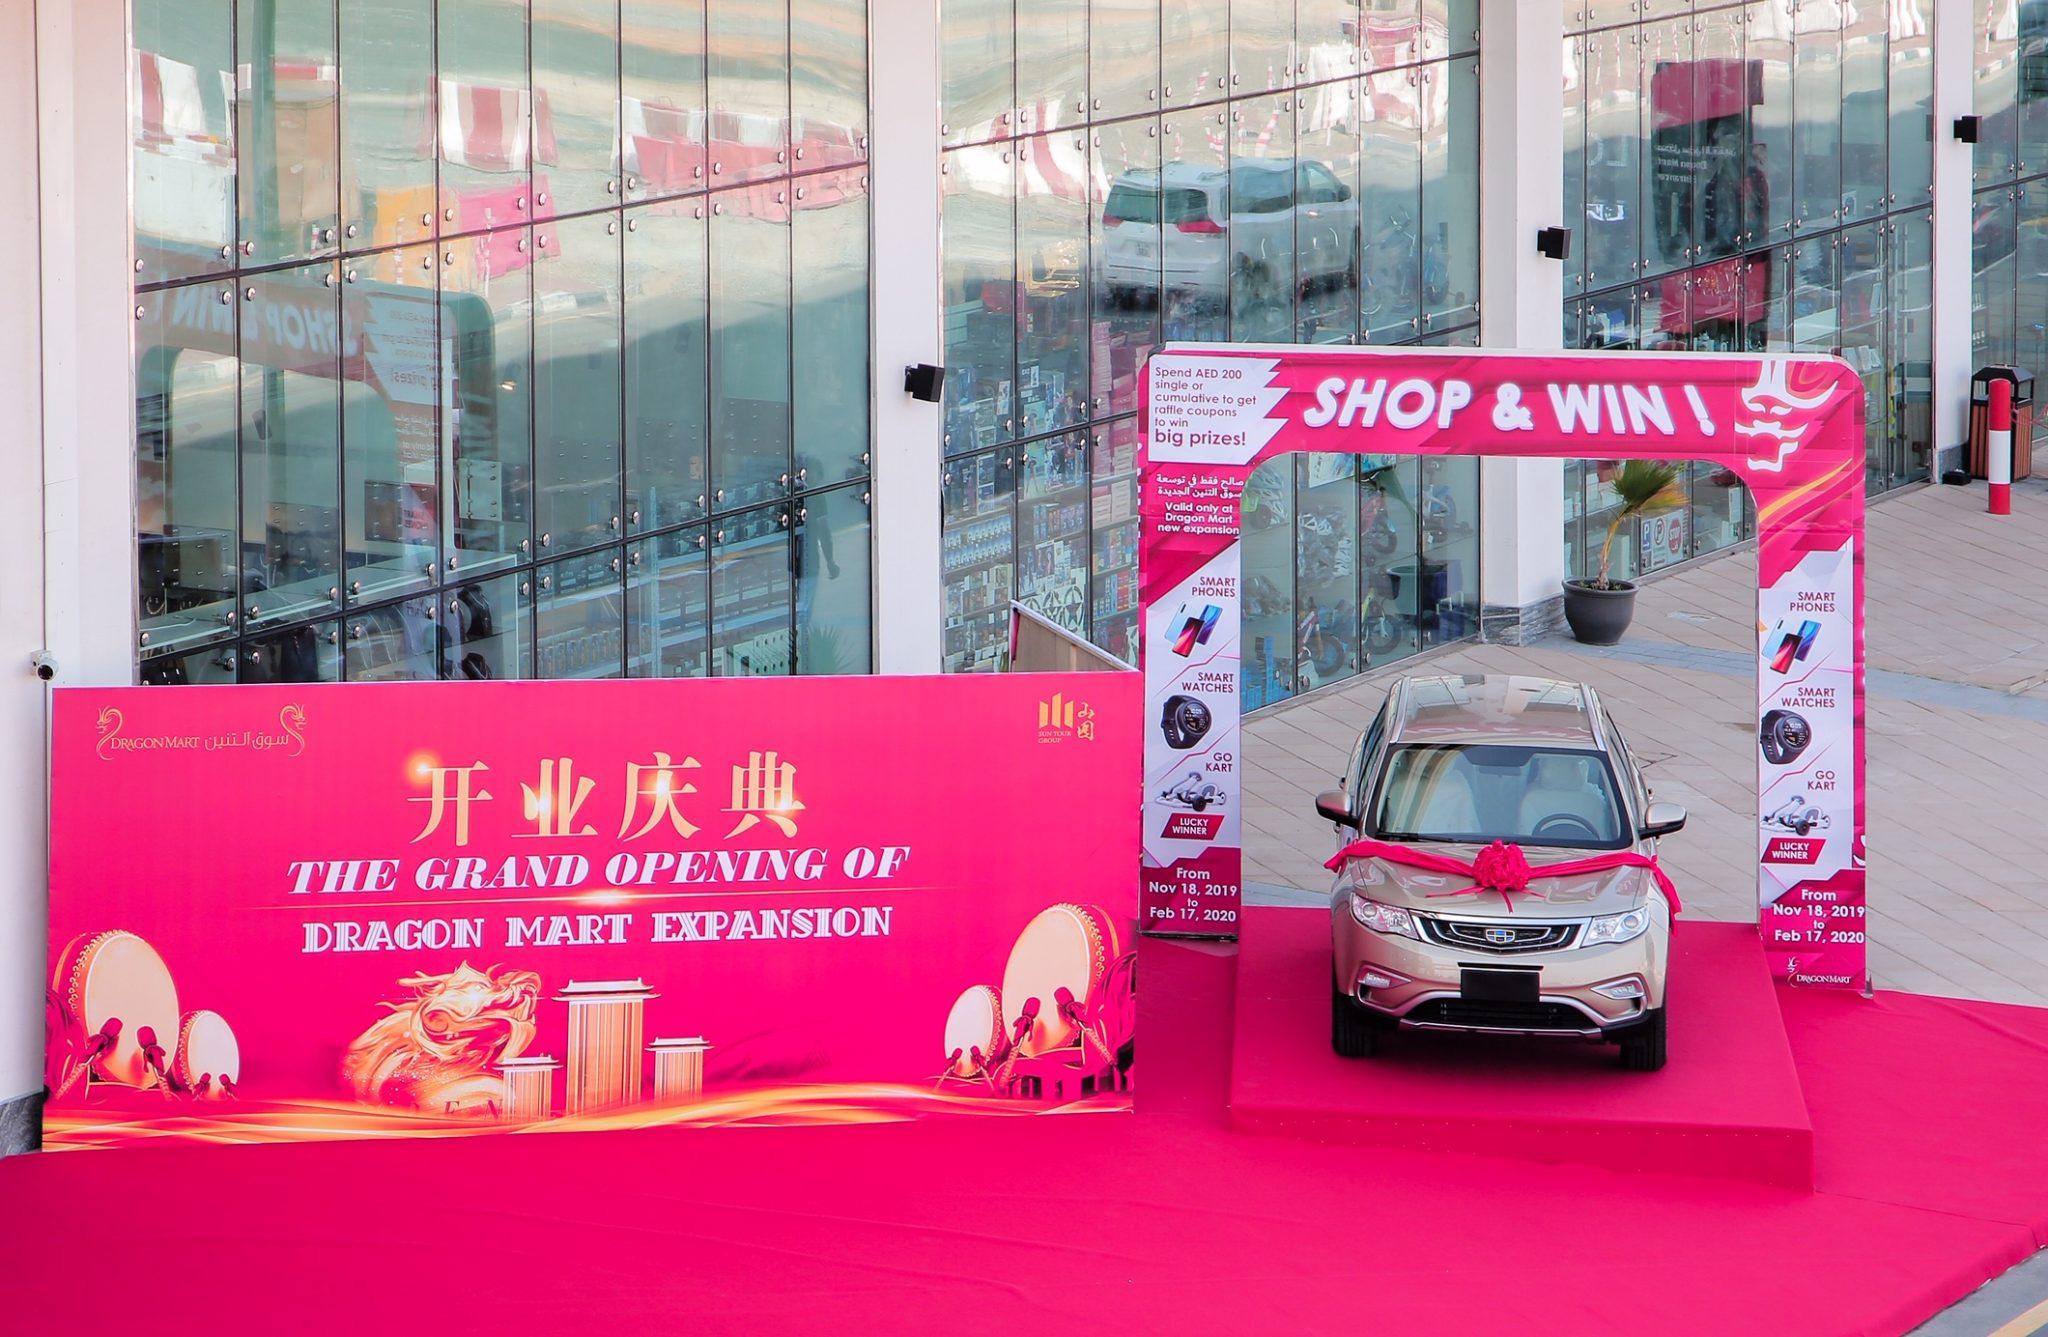 إفتتاح مركز تجاري جديد من أربعة طوابق في مدينة التنين بدبي